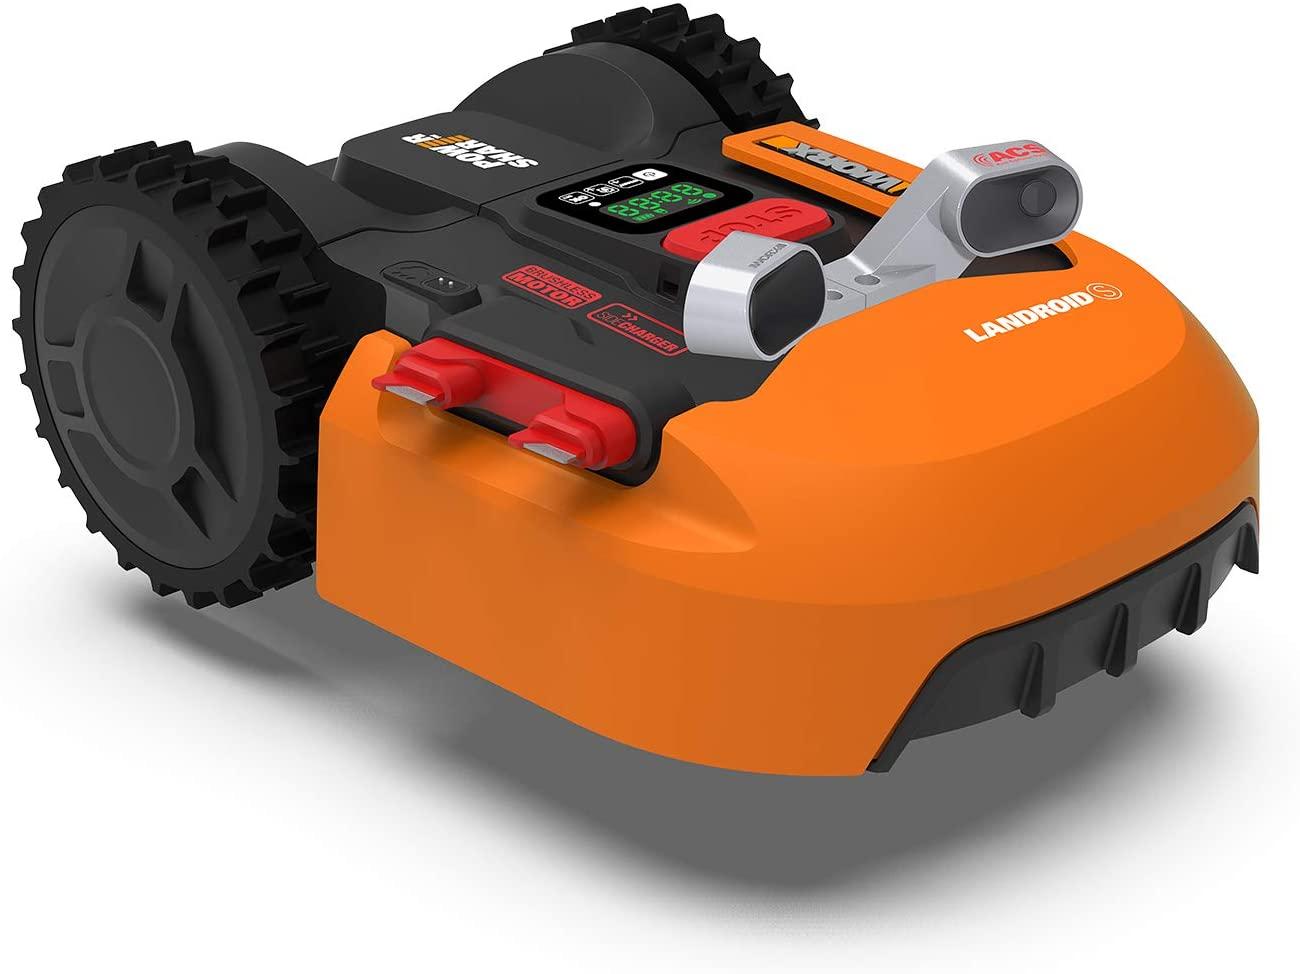 Recensione Robot Tagliaerba Worx Landroid WR901E (130E+ACS)